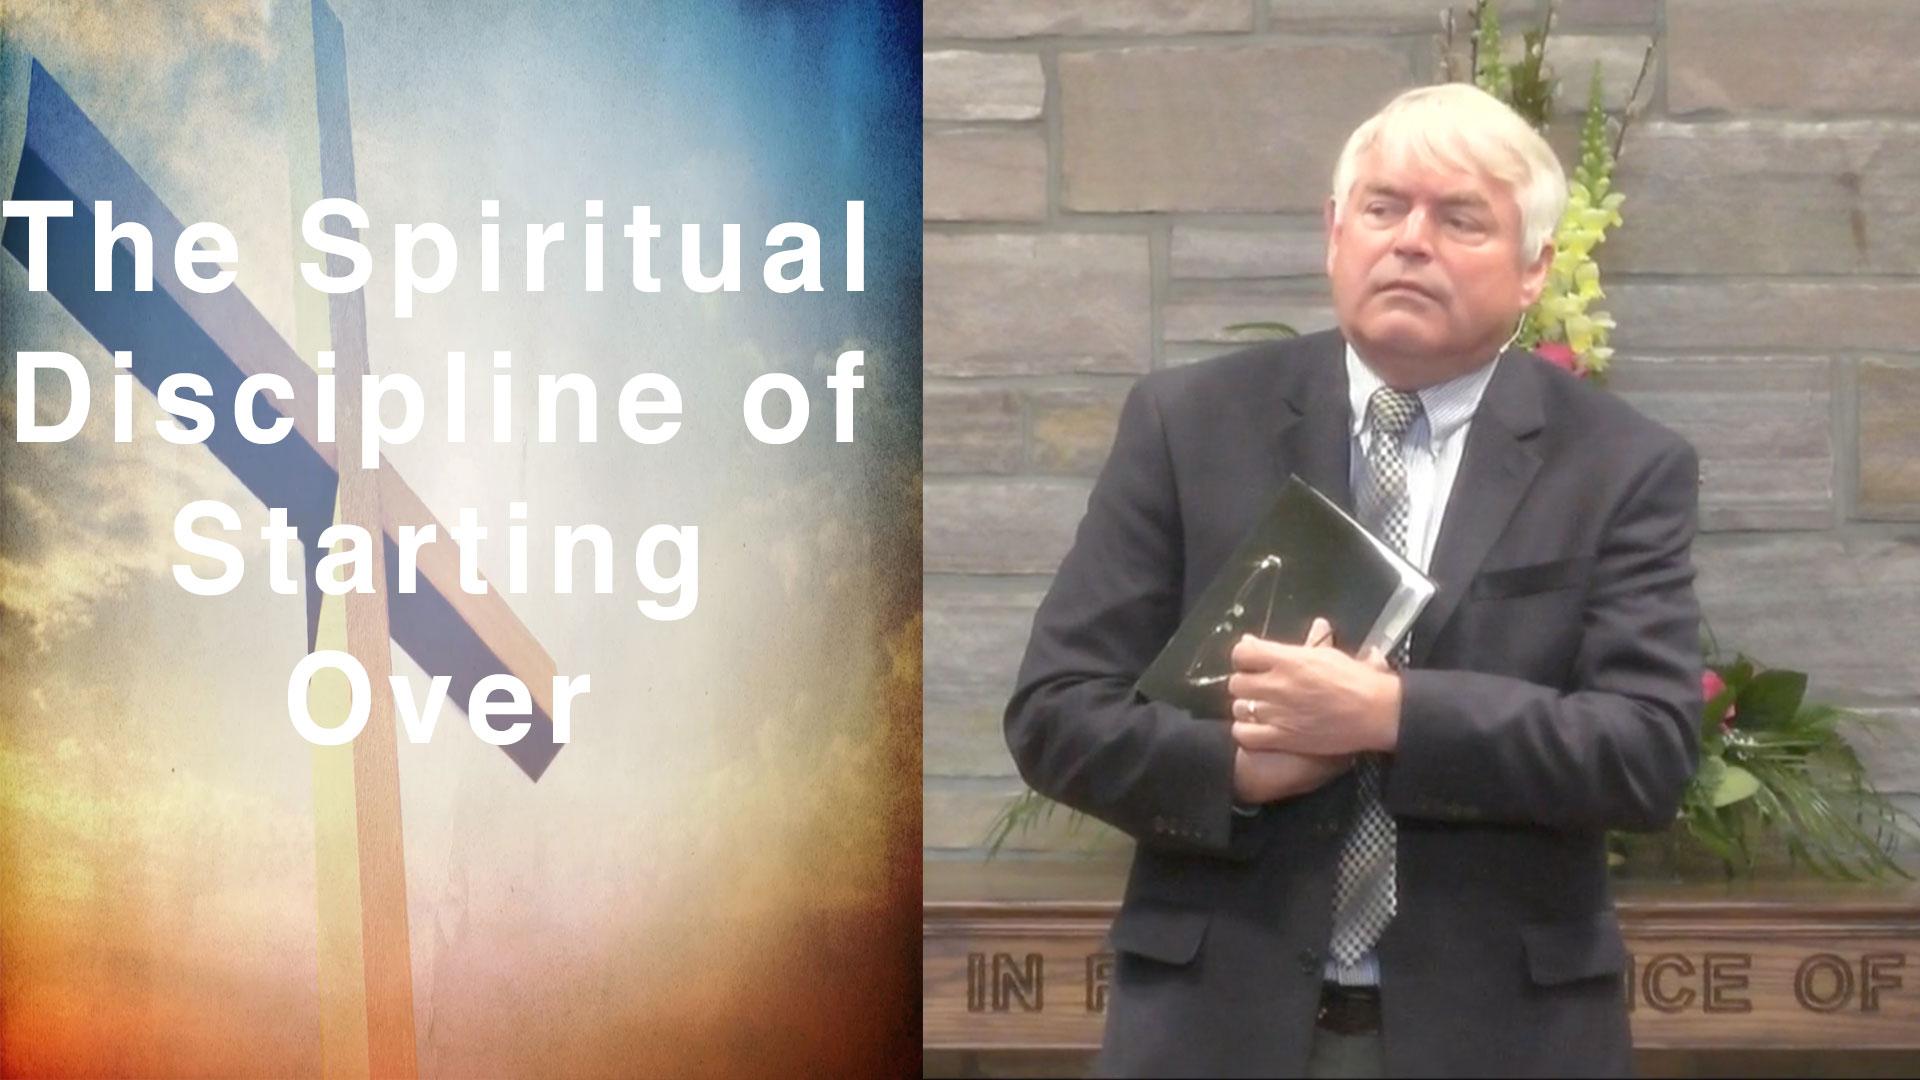 The Spiritual Discipline of Starting Over - Pastor Sid April 21 2019 Easter MorningJohn 20:1-29